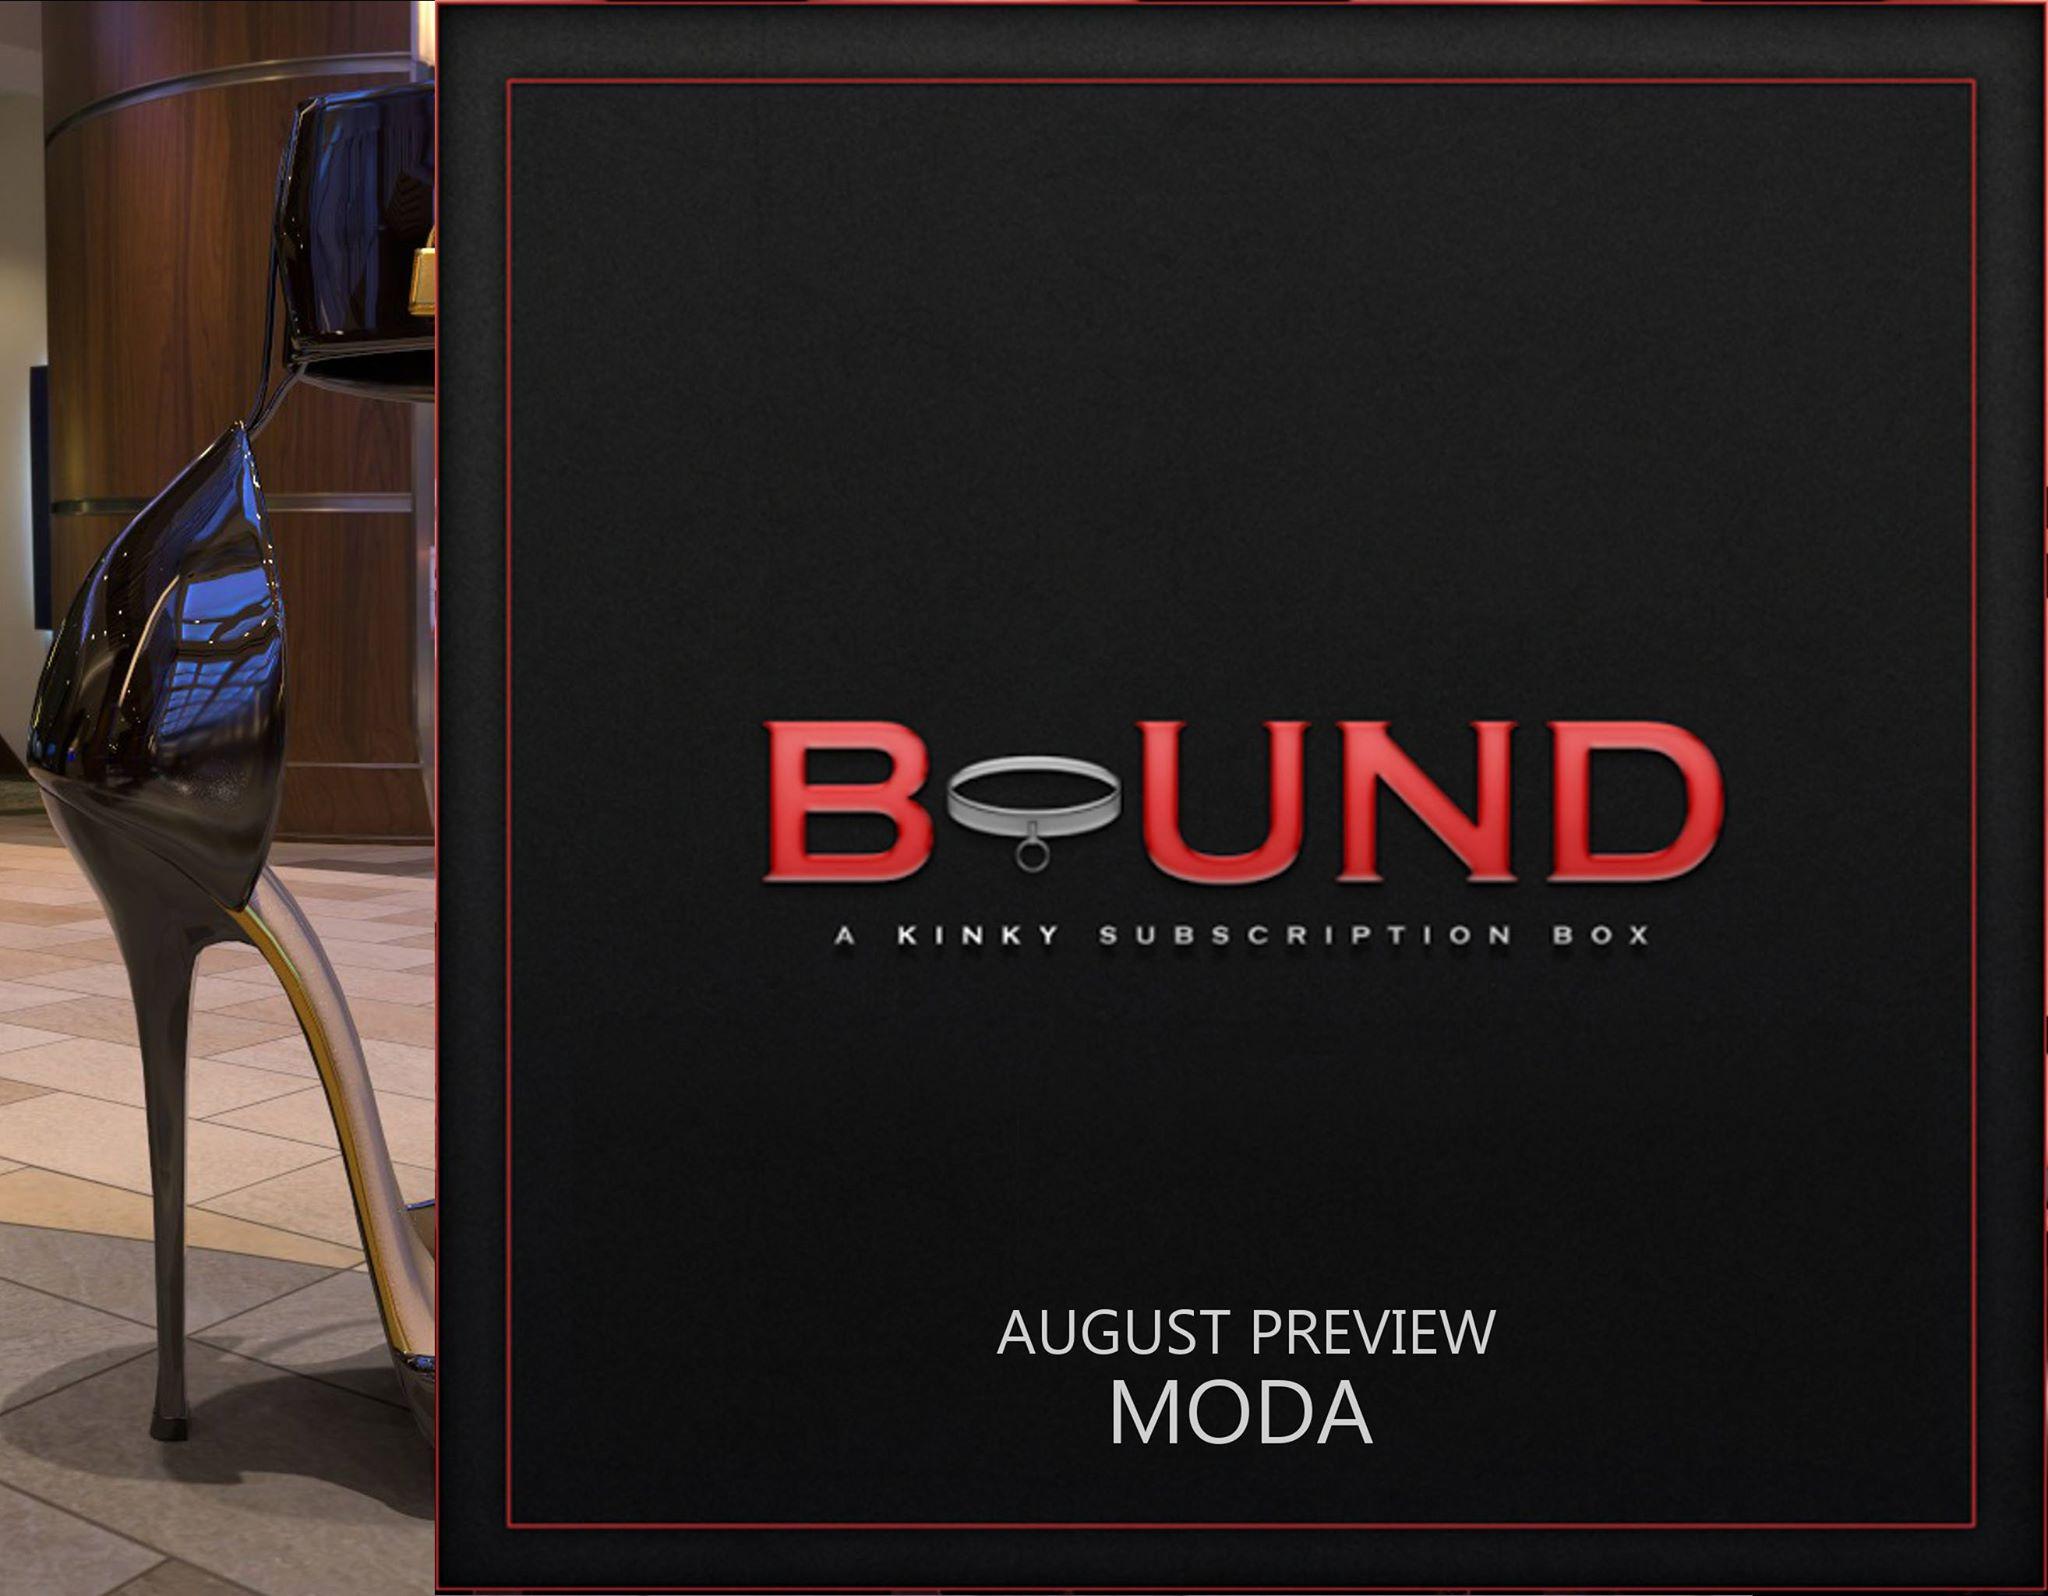 MODA_BOUND_BOX_AUG_2018